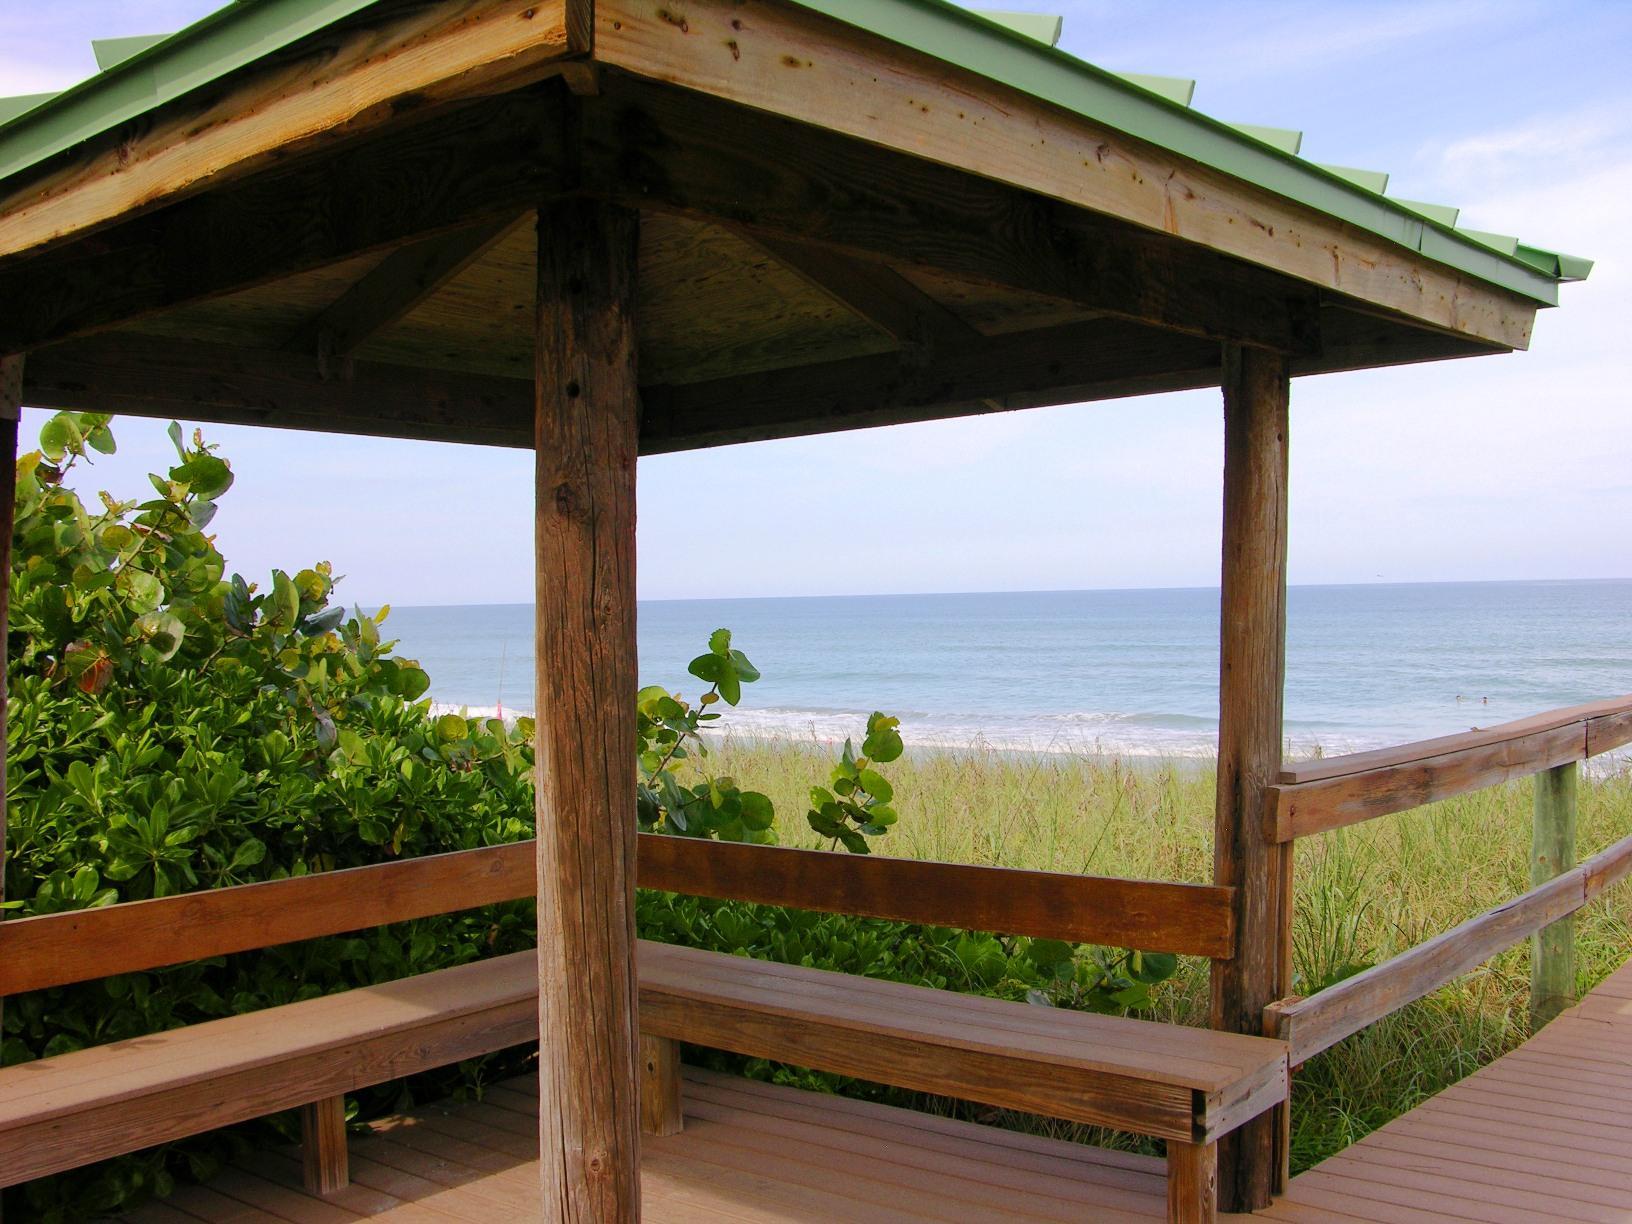 Relaxing sitting area overlooking ocean